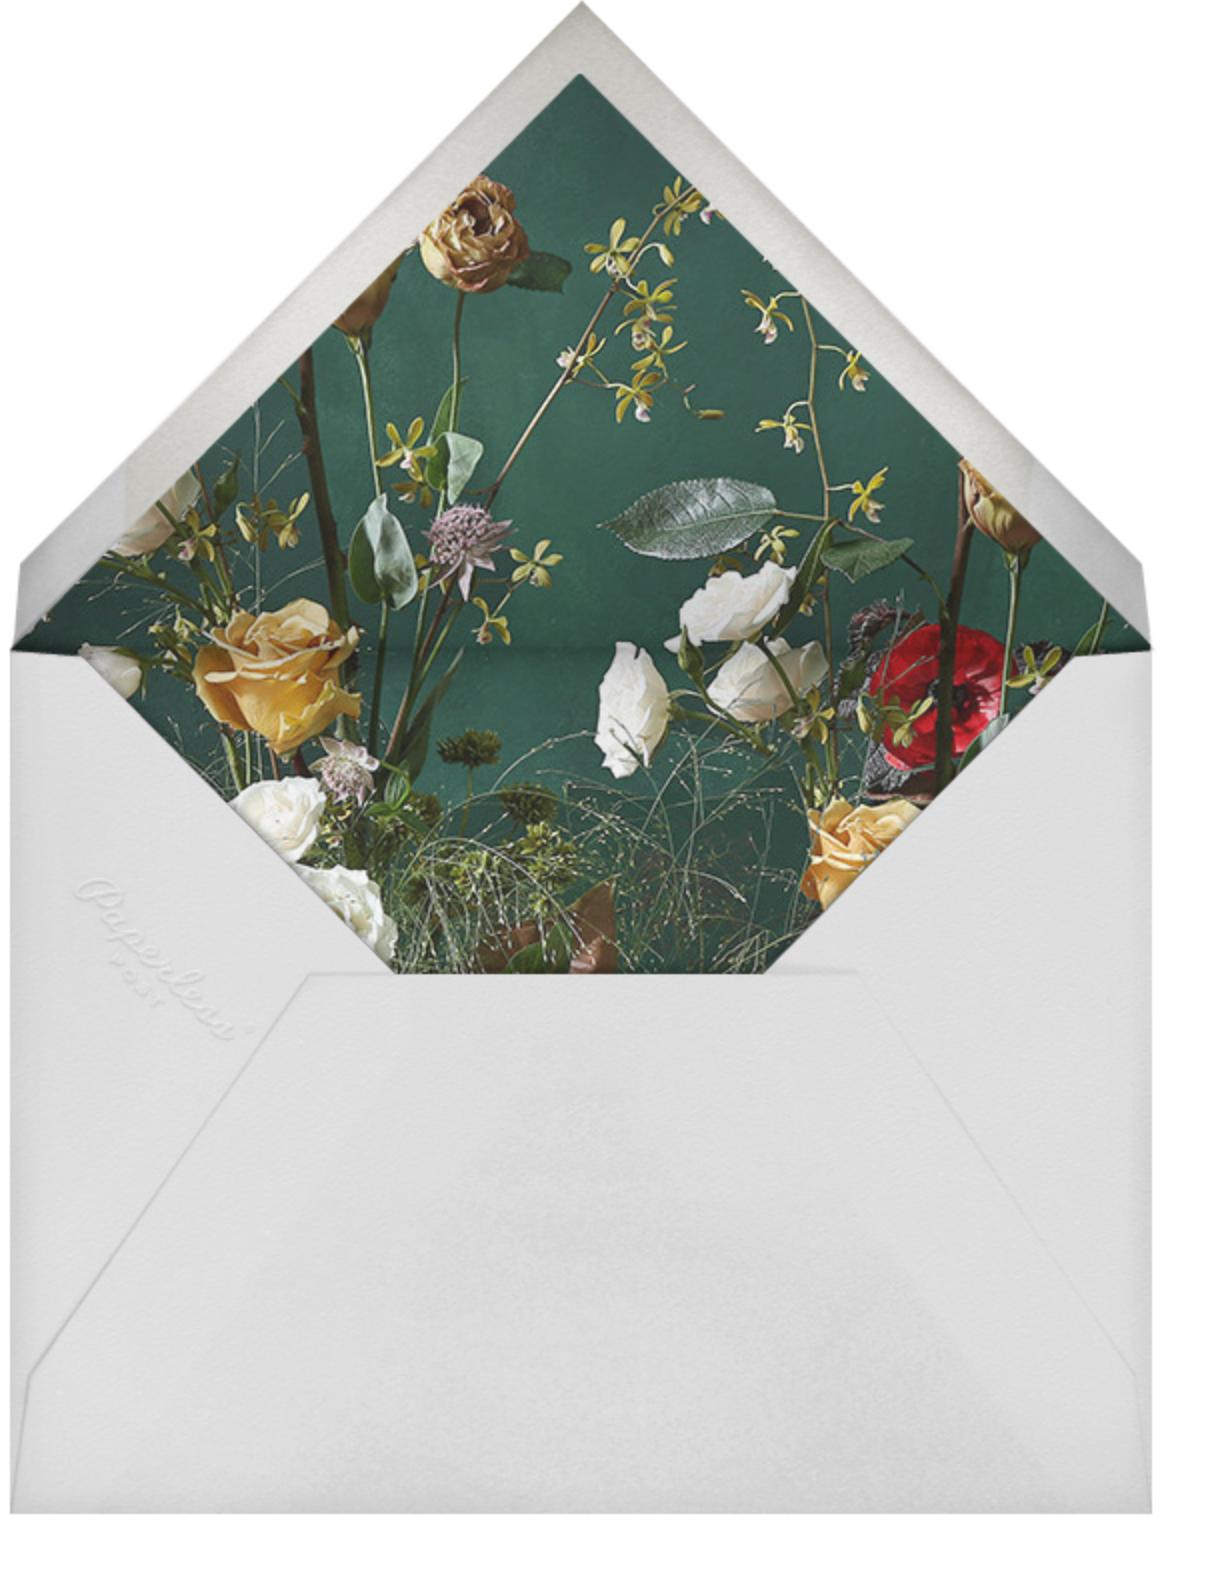 Frimaire - Putnam & Putnam - Winter entertaining - envelope back